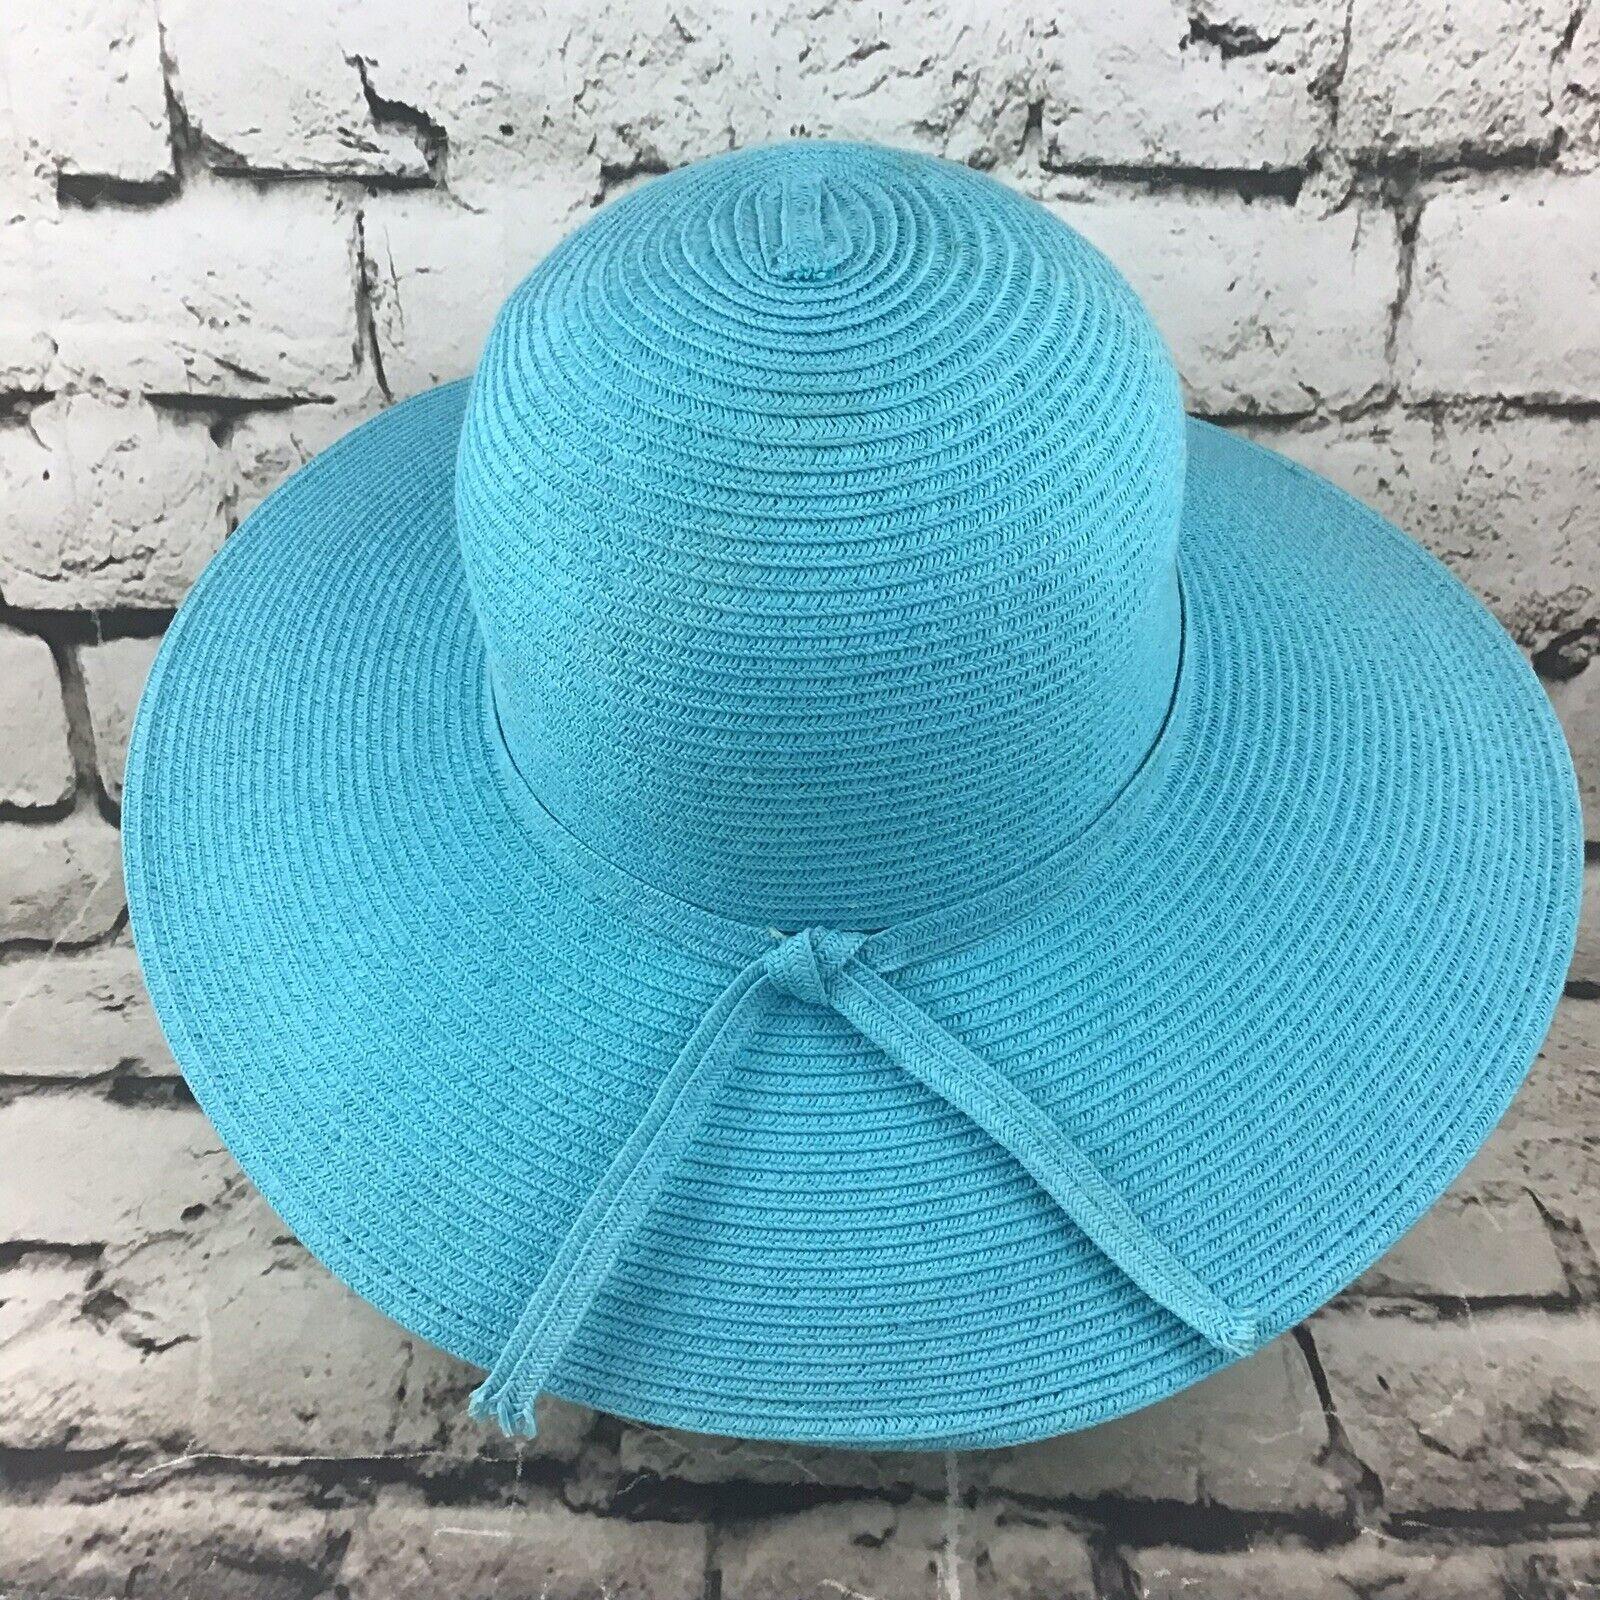 Womens OSFA Hat Sky Blue Straw Wide Brim Floppy S… - image 3